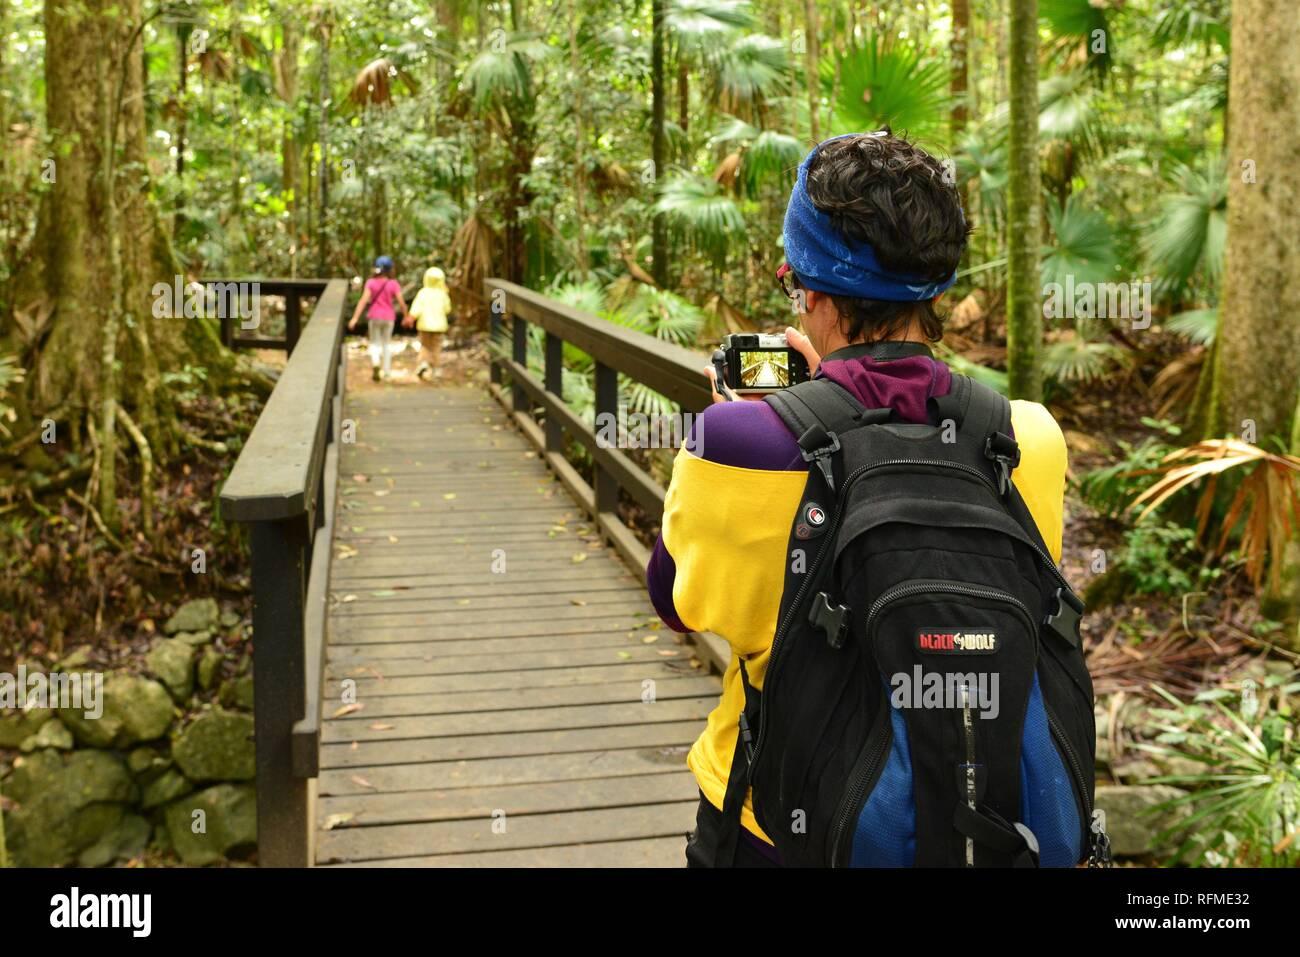 Una madre utiliza una cámara para tomar una foto de sus hijos caminar a través de una selva tropical, el Parque Nacional de Eungella, Queensland, Australia Foto de stock